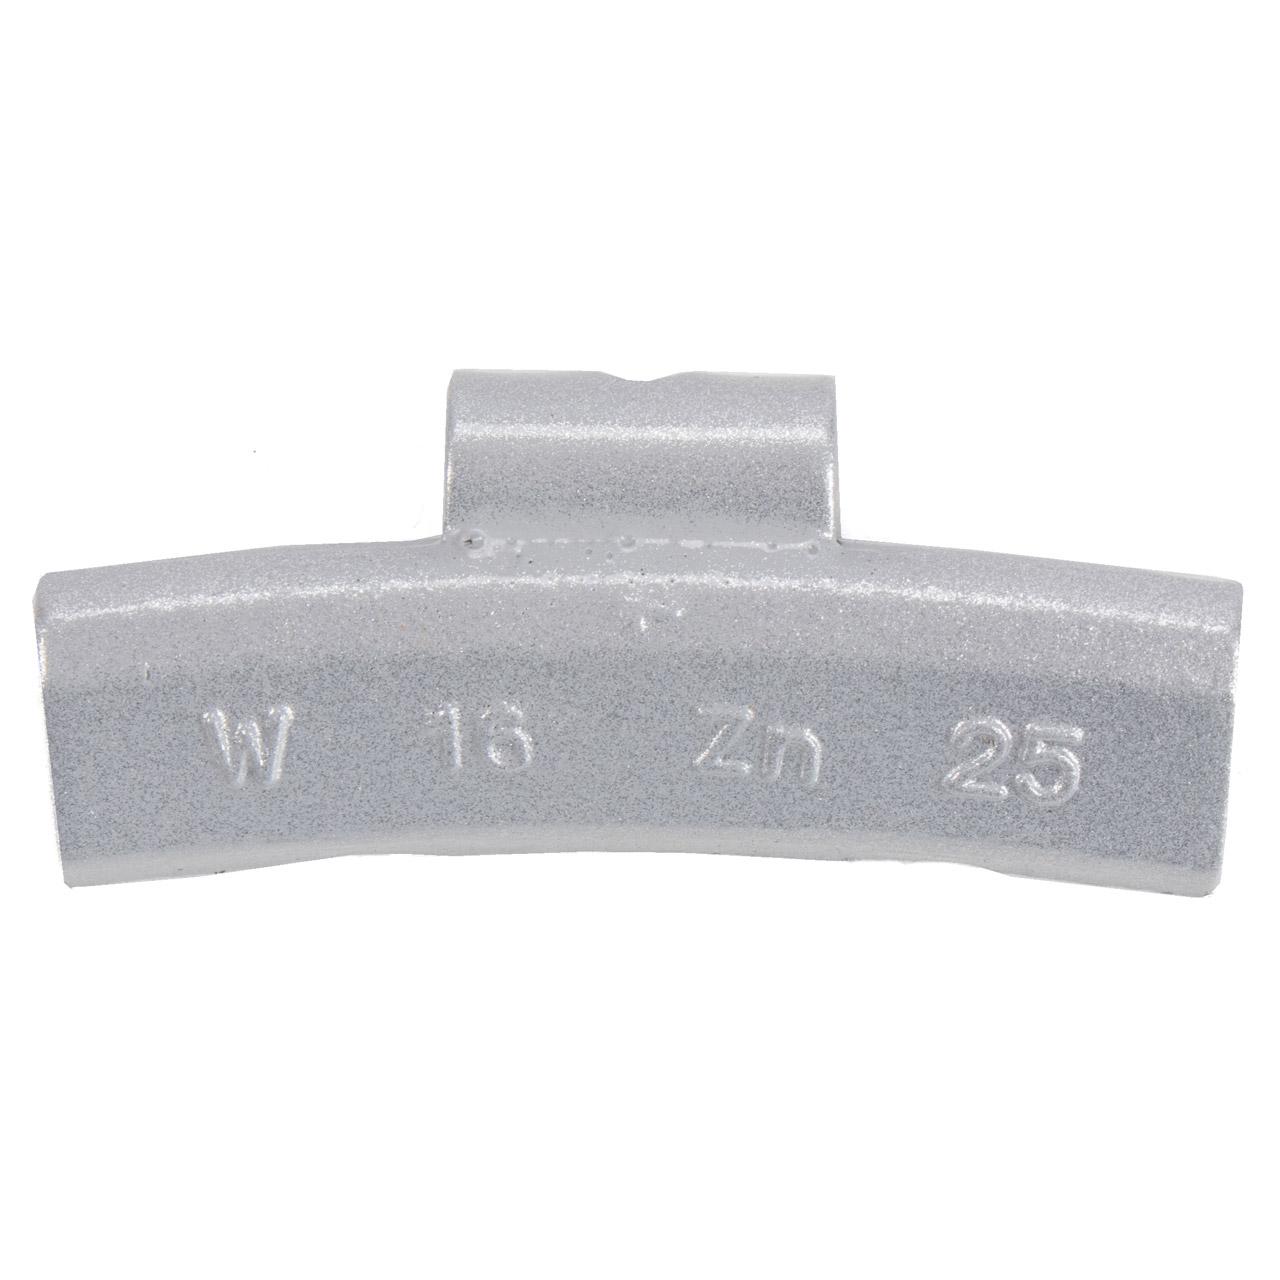 GEMATIC Auswuchtgewicht Schlaggewicht für Alufelge GRAU-ZINK 100 Stück x 25g